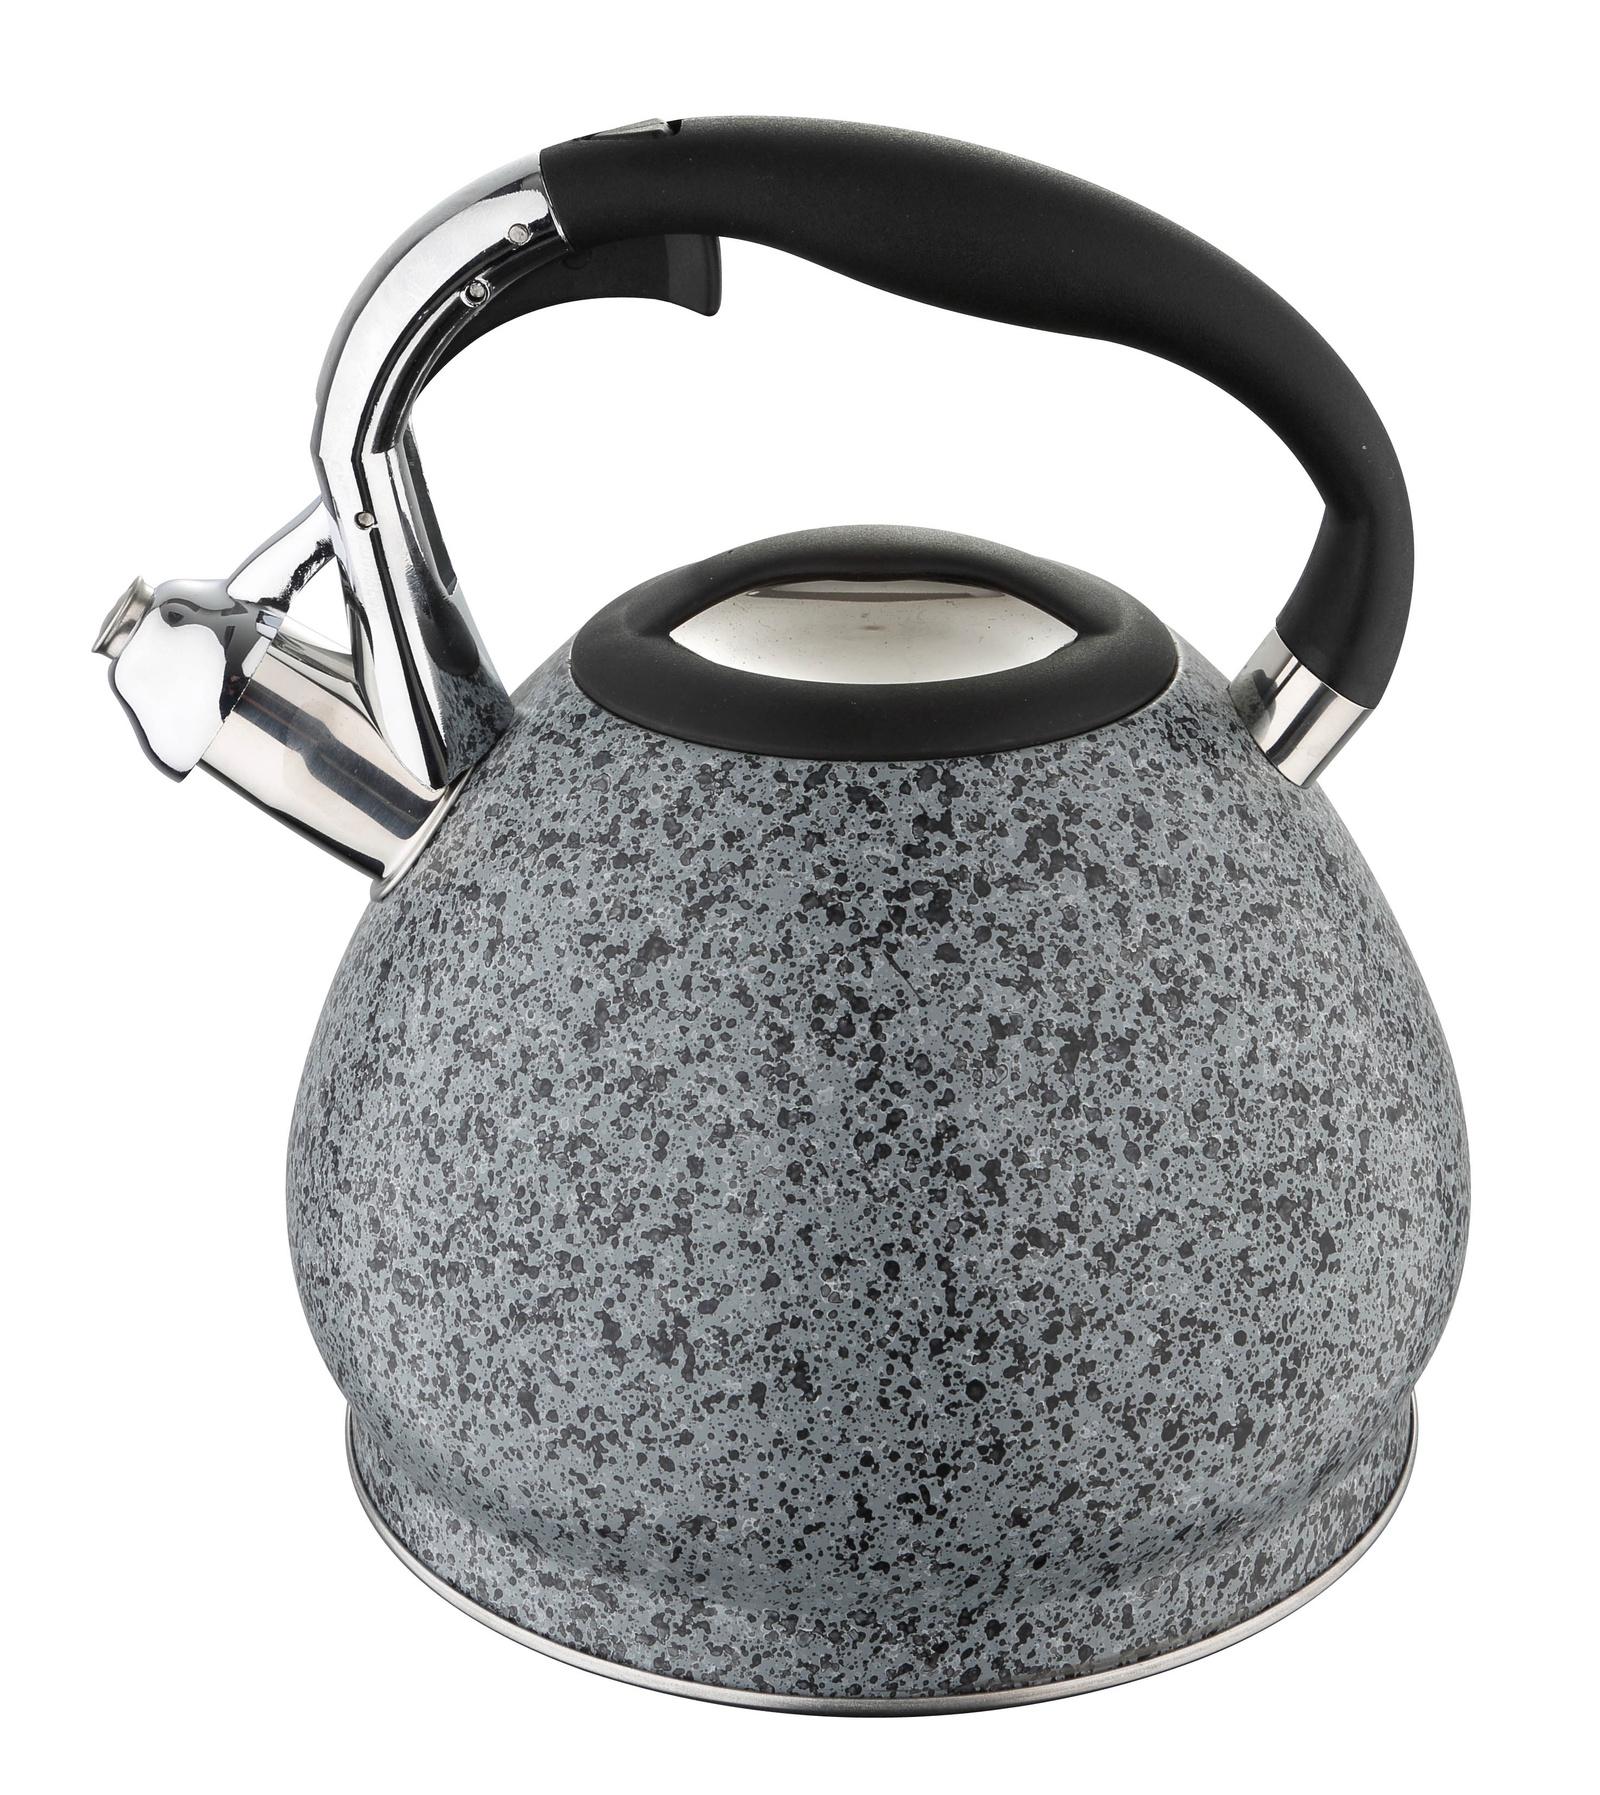 Чайник Bergner 3,4 л со свистком, 5891BG, серый, серый металлик чайник carl schmidt sohn aquatic со свистком цвет серый металлик 5 л